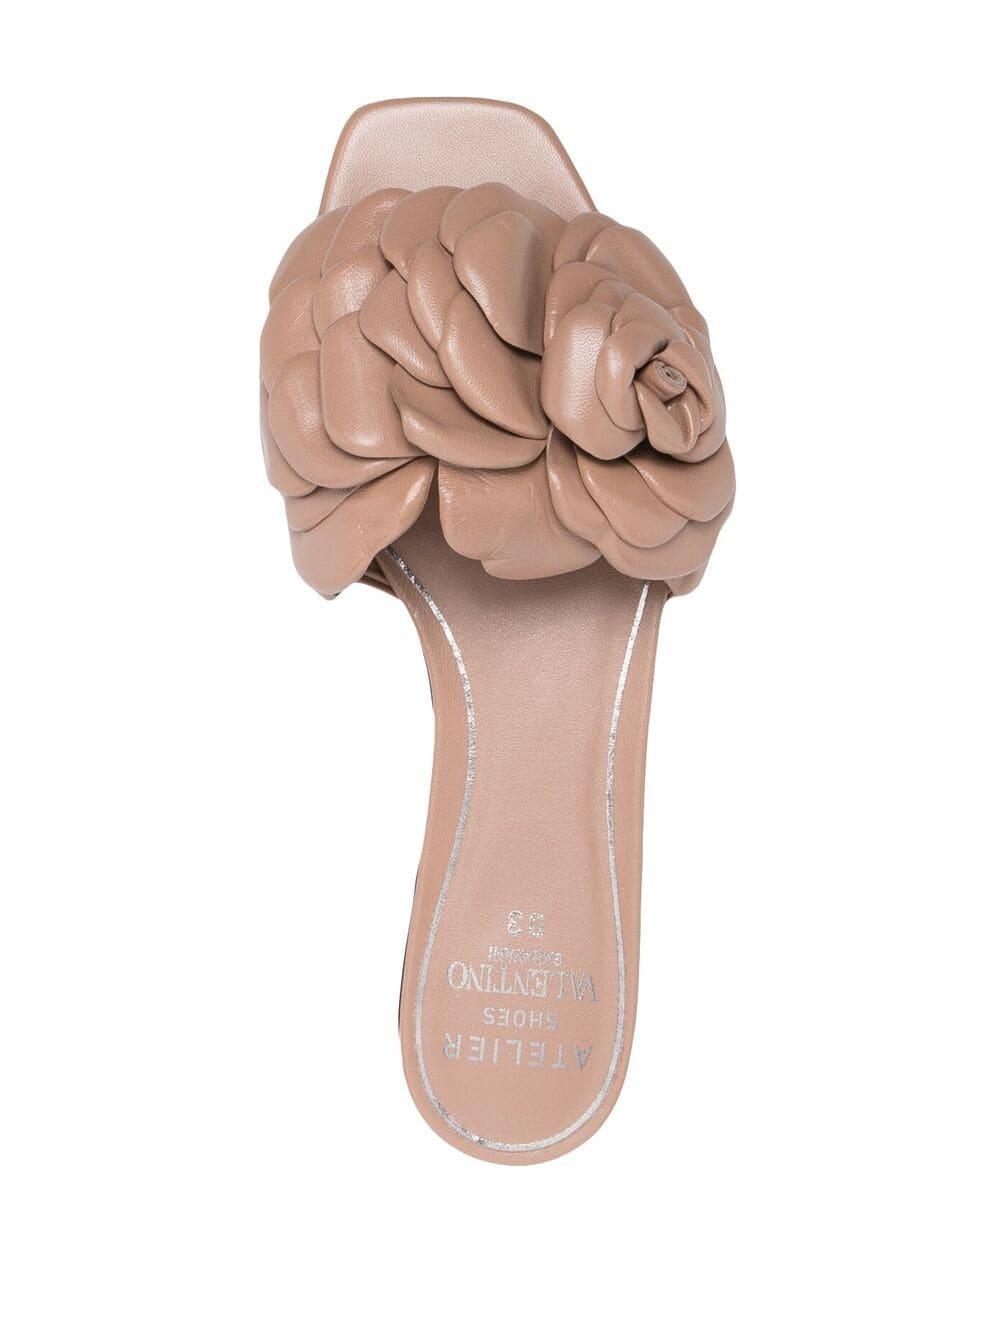 Sandalias de Valentino / Foto: Farfetch